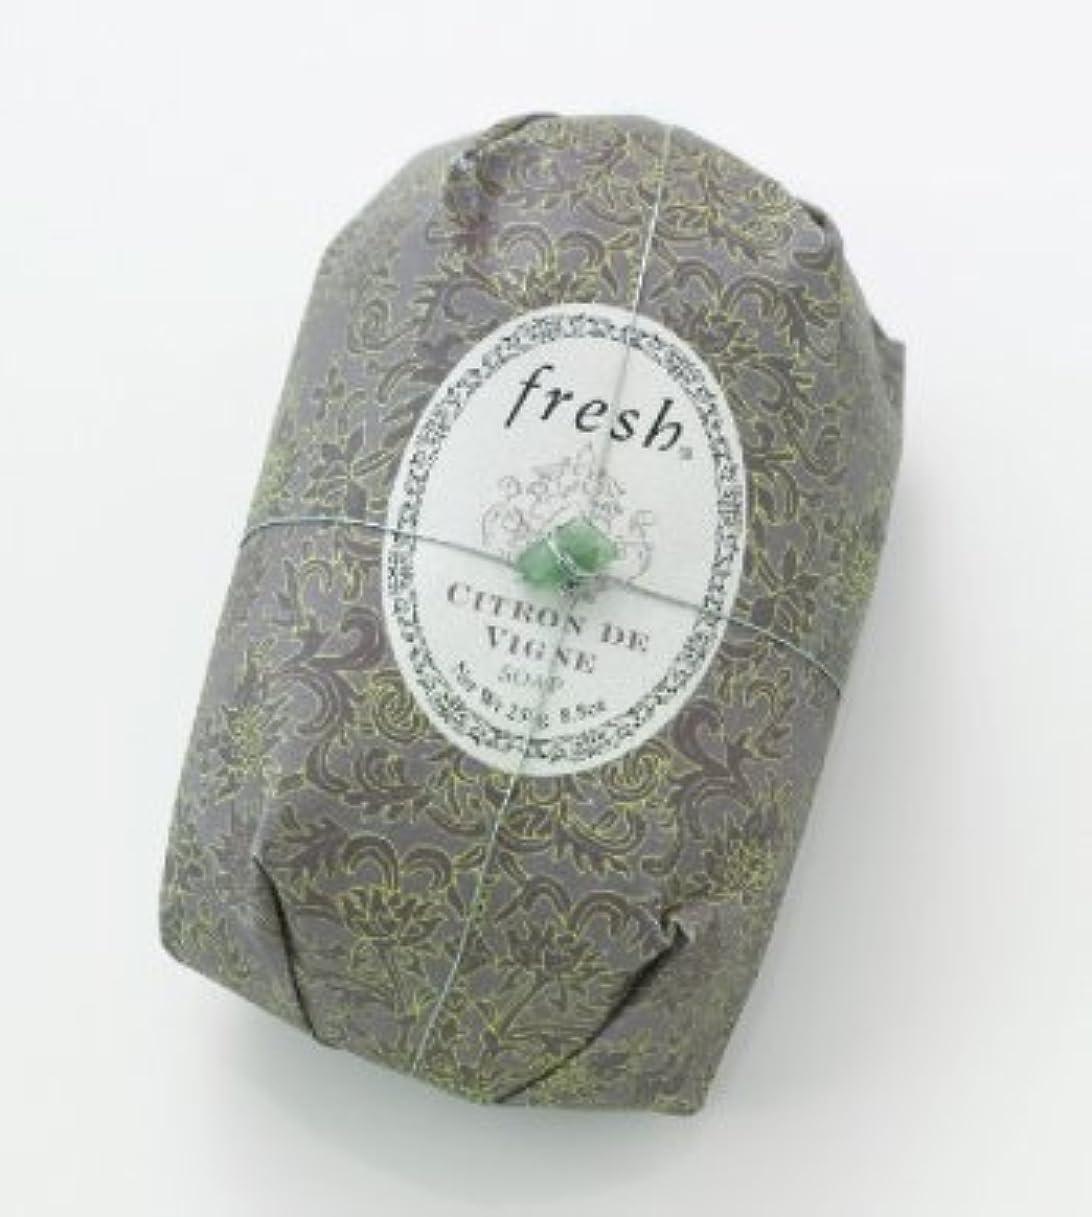 手順ドラフト精神的にFresh CITRON DE VIGNE SOAP (フレッシュ シトロンデヴァイン ソープ) 8.8 oz (250g) Soap (石鹸) by Fresh